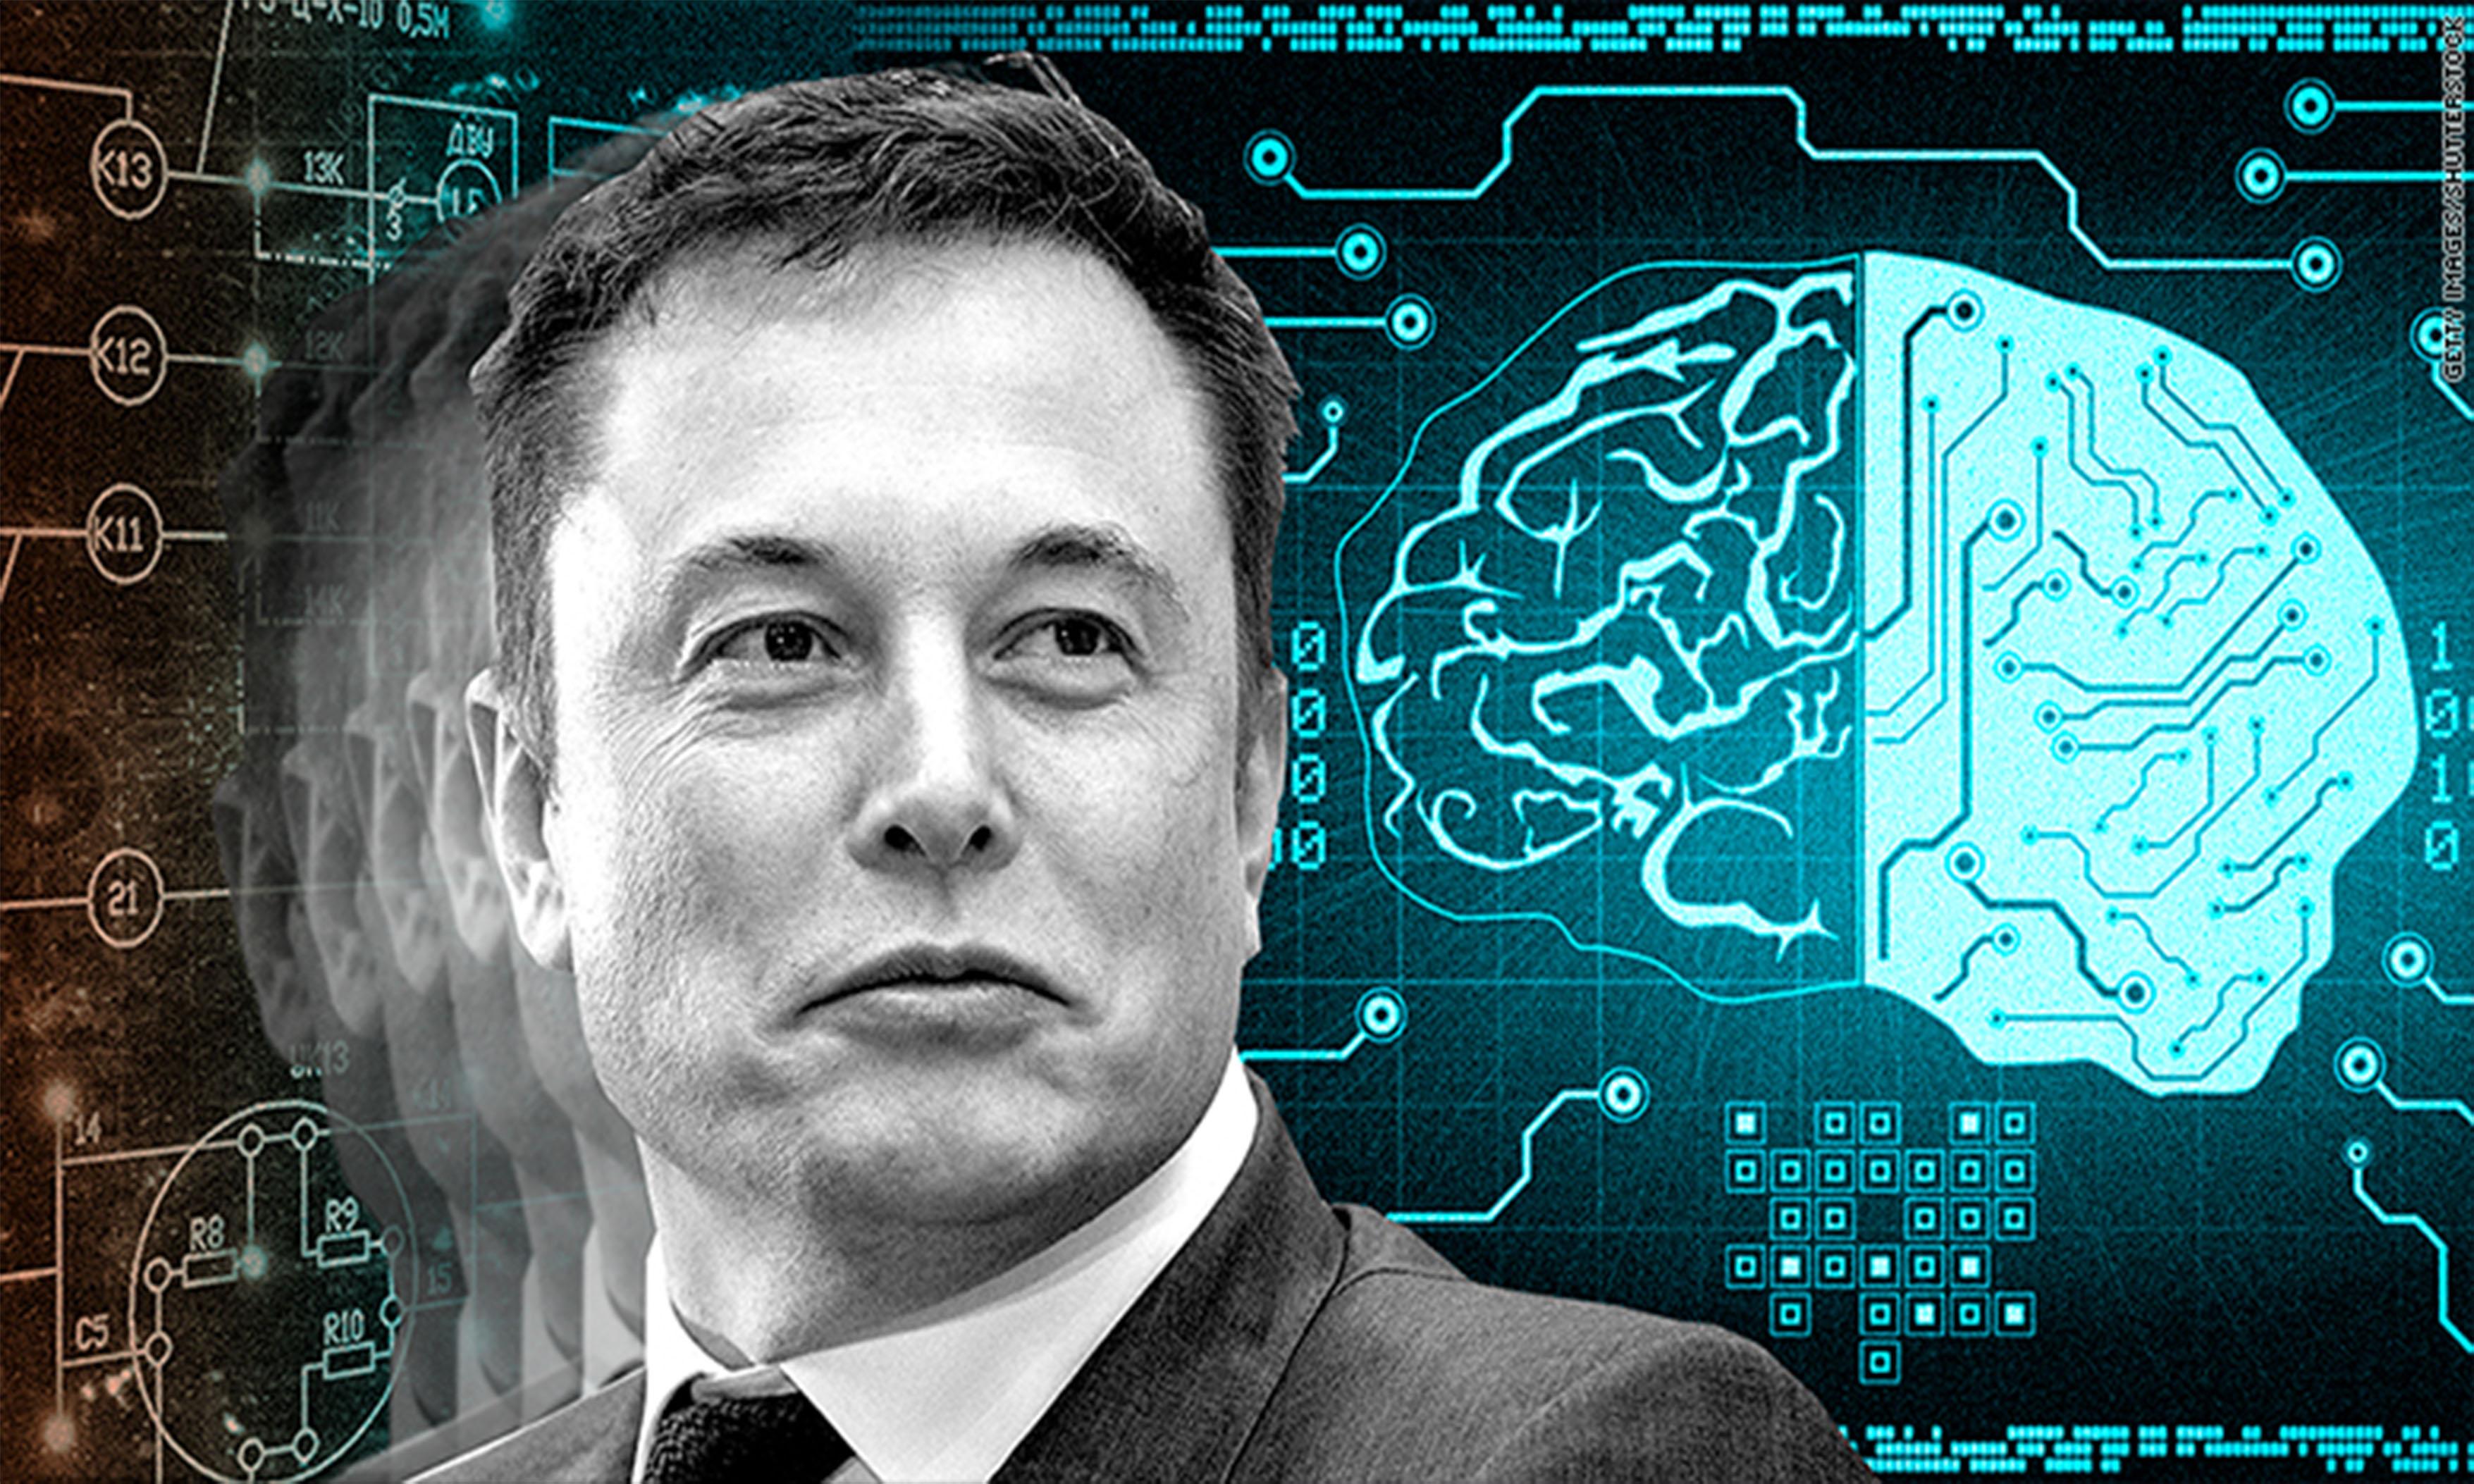 ماسك يُطلق Neuralink - في مقابلة حديثة، ايلون ماسك يقول بأن ابل لم تعد قادرة على إبهارنا، وإليكم تفاصيل المقابلة